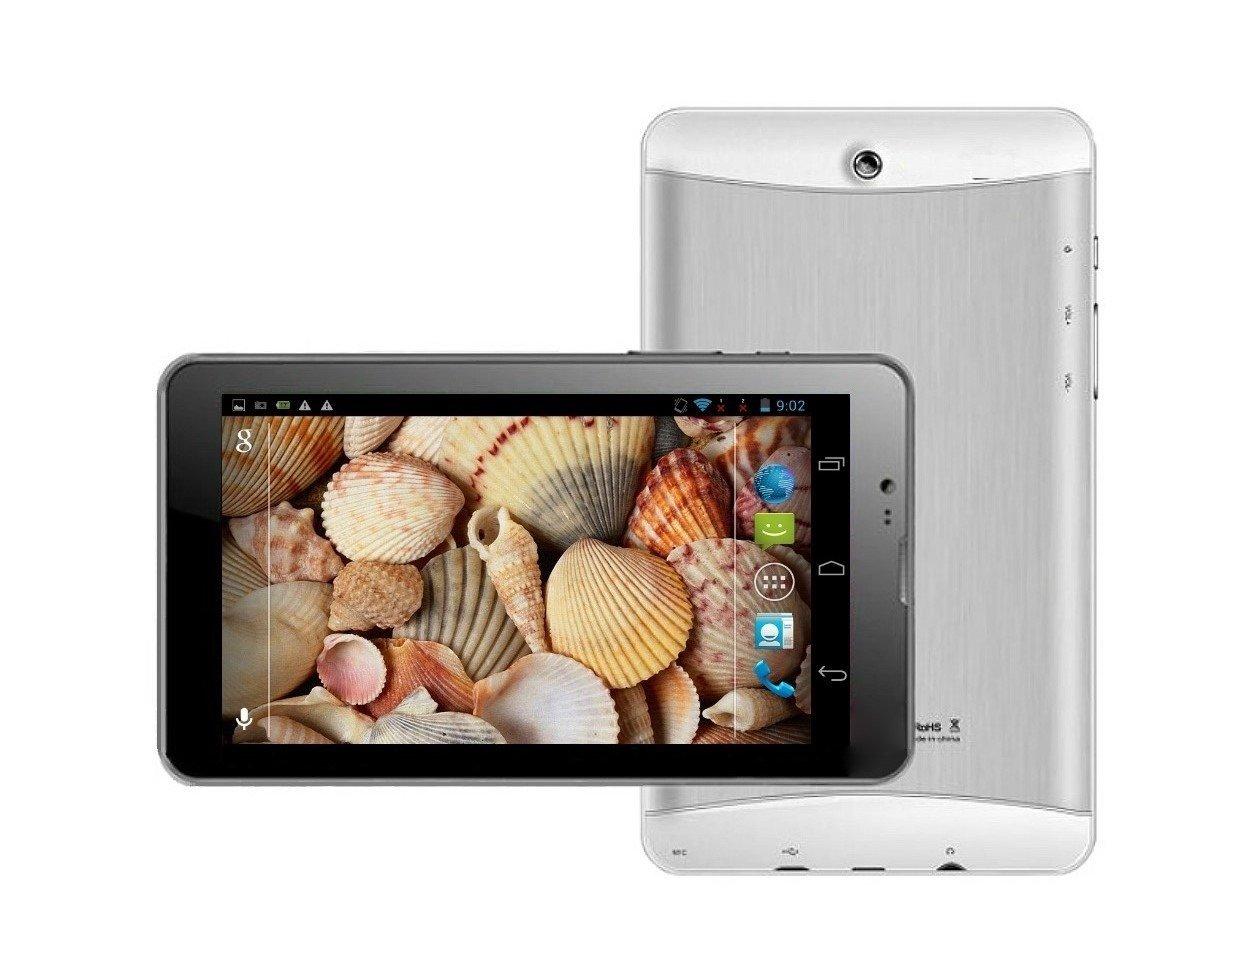 SIMフリー2G/3G Phone Call タブレット 2014年モデル 完全日本仕様 YAMAY Y-M07D 高解像度7インチ Bluetooth/GPS/Dual-Core/テザリング搭載   B00FPGESES